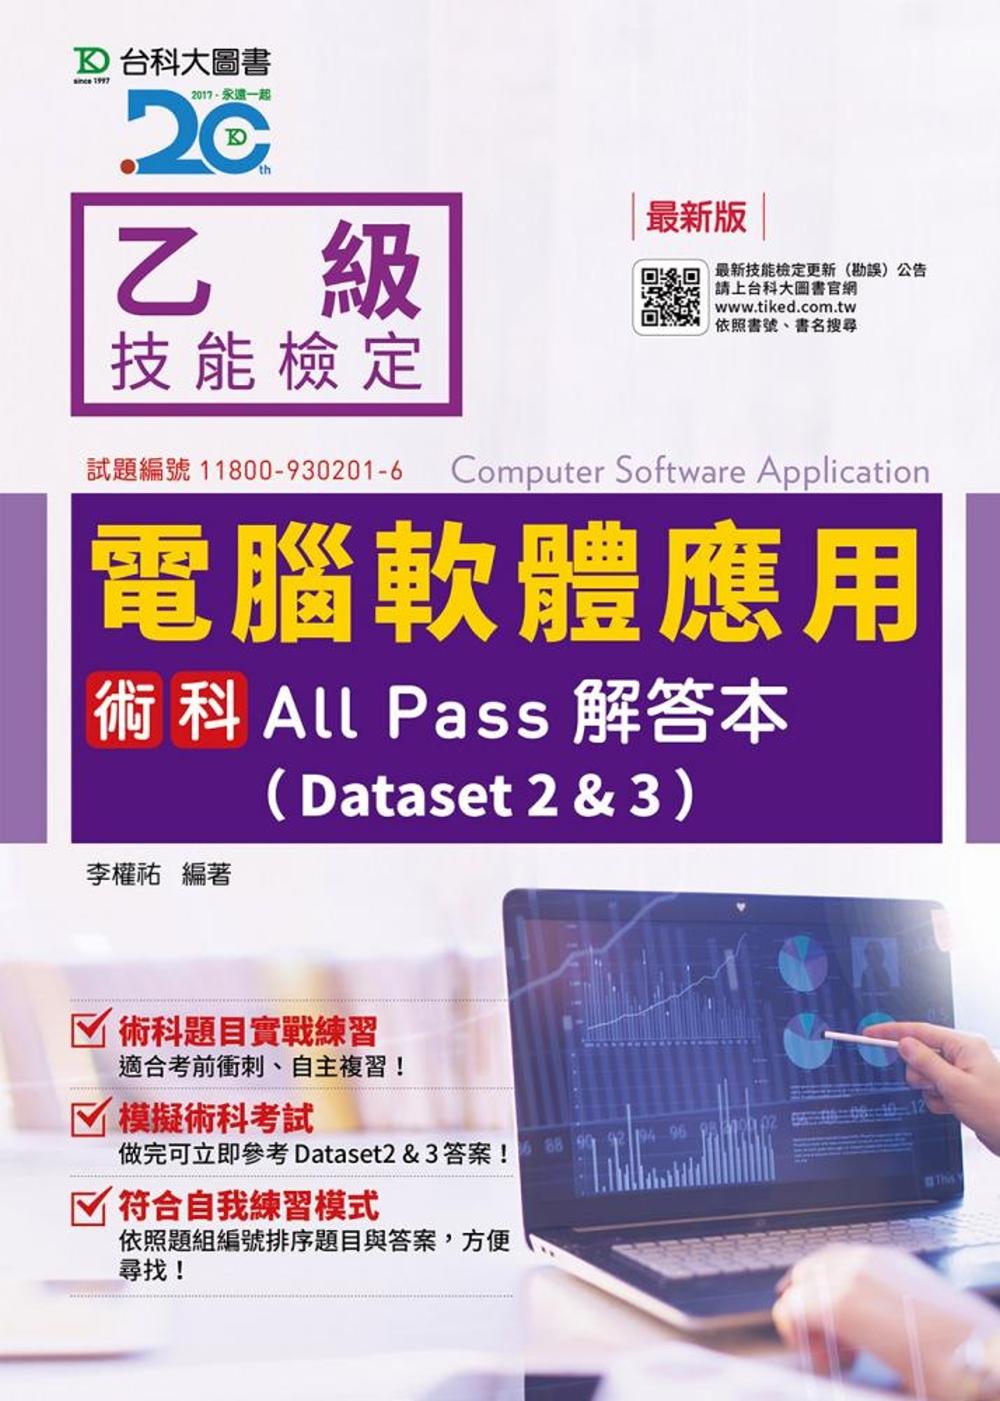 ◤博客來BOOKS◢ 暢銷書榜《推薦》乙級電腦軟體應用術科All Pass解答本(Dataset 2&3) - 最新版